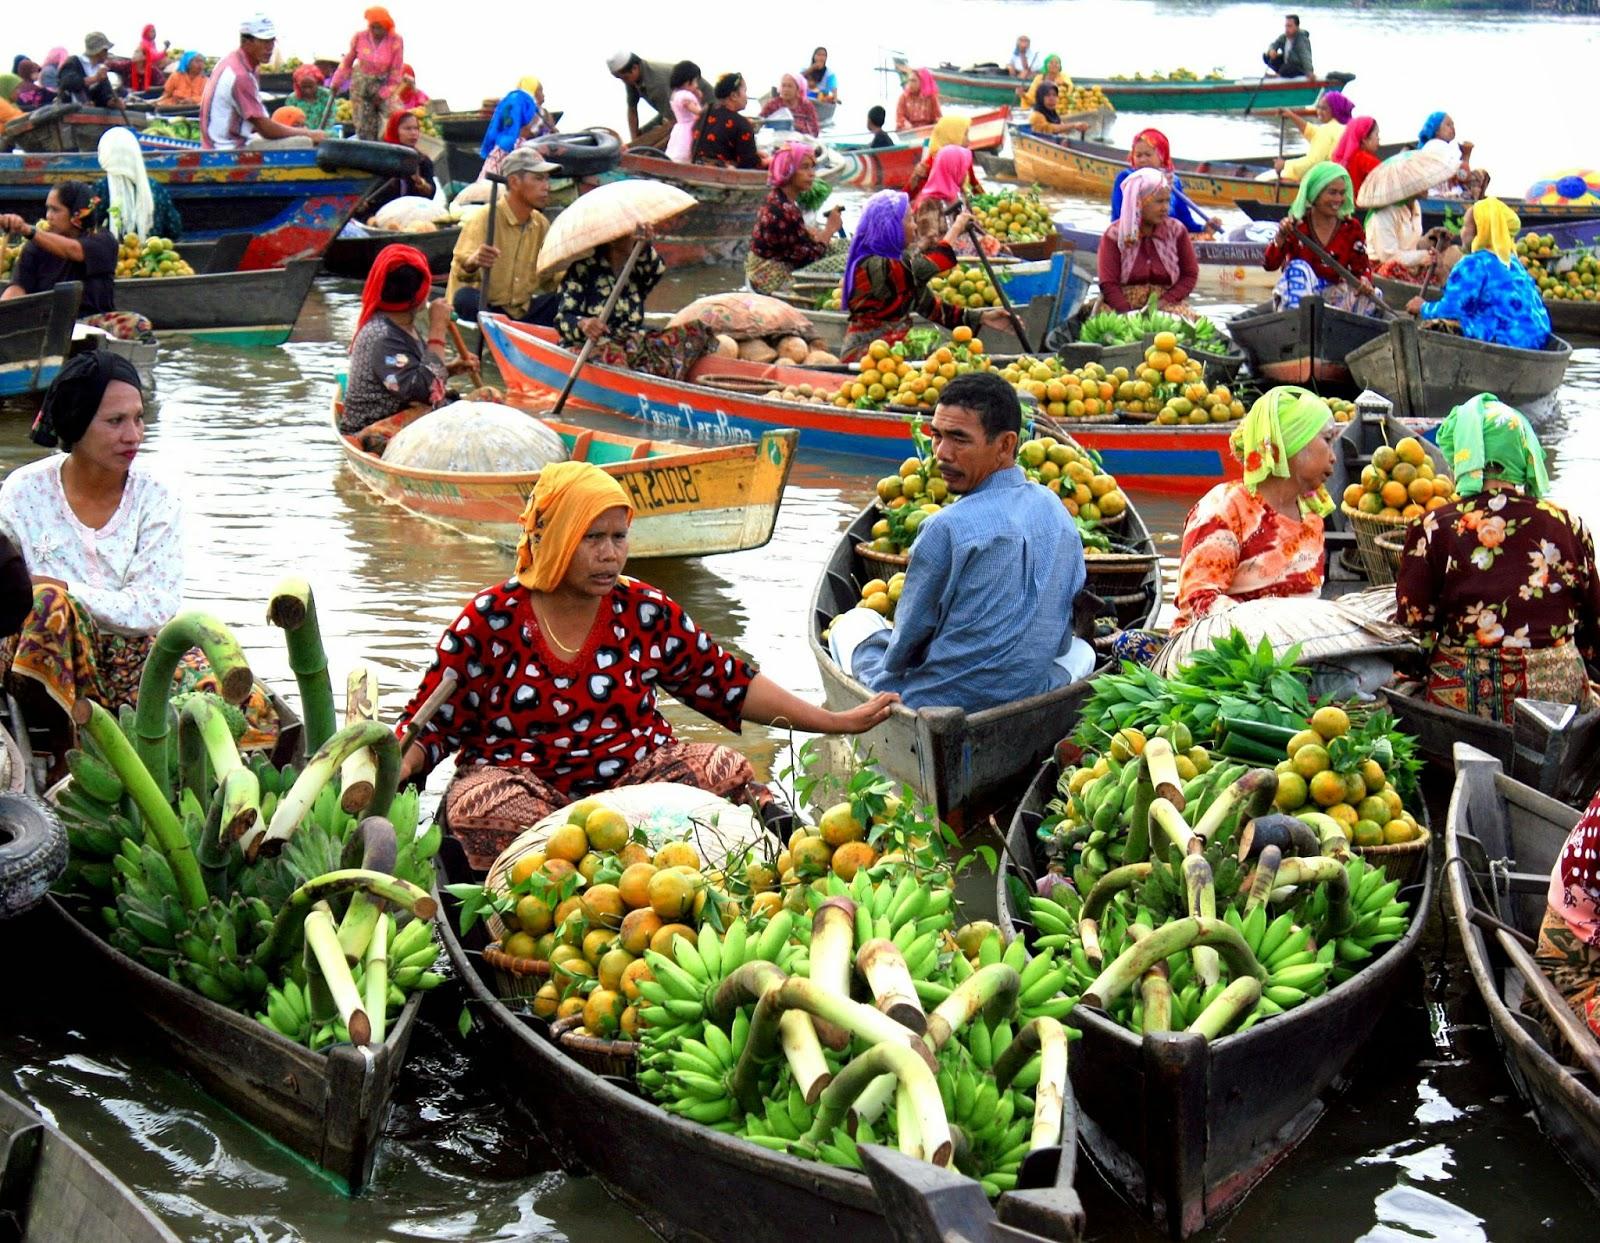 Inilah Jenis Pasar Dan Mekanisme Transaksi Pasar Modal di Indonesia